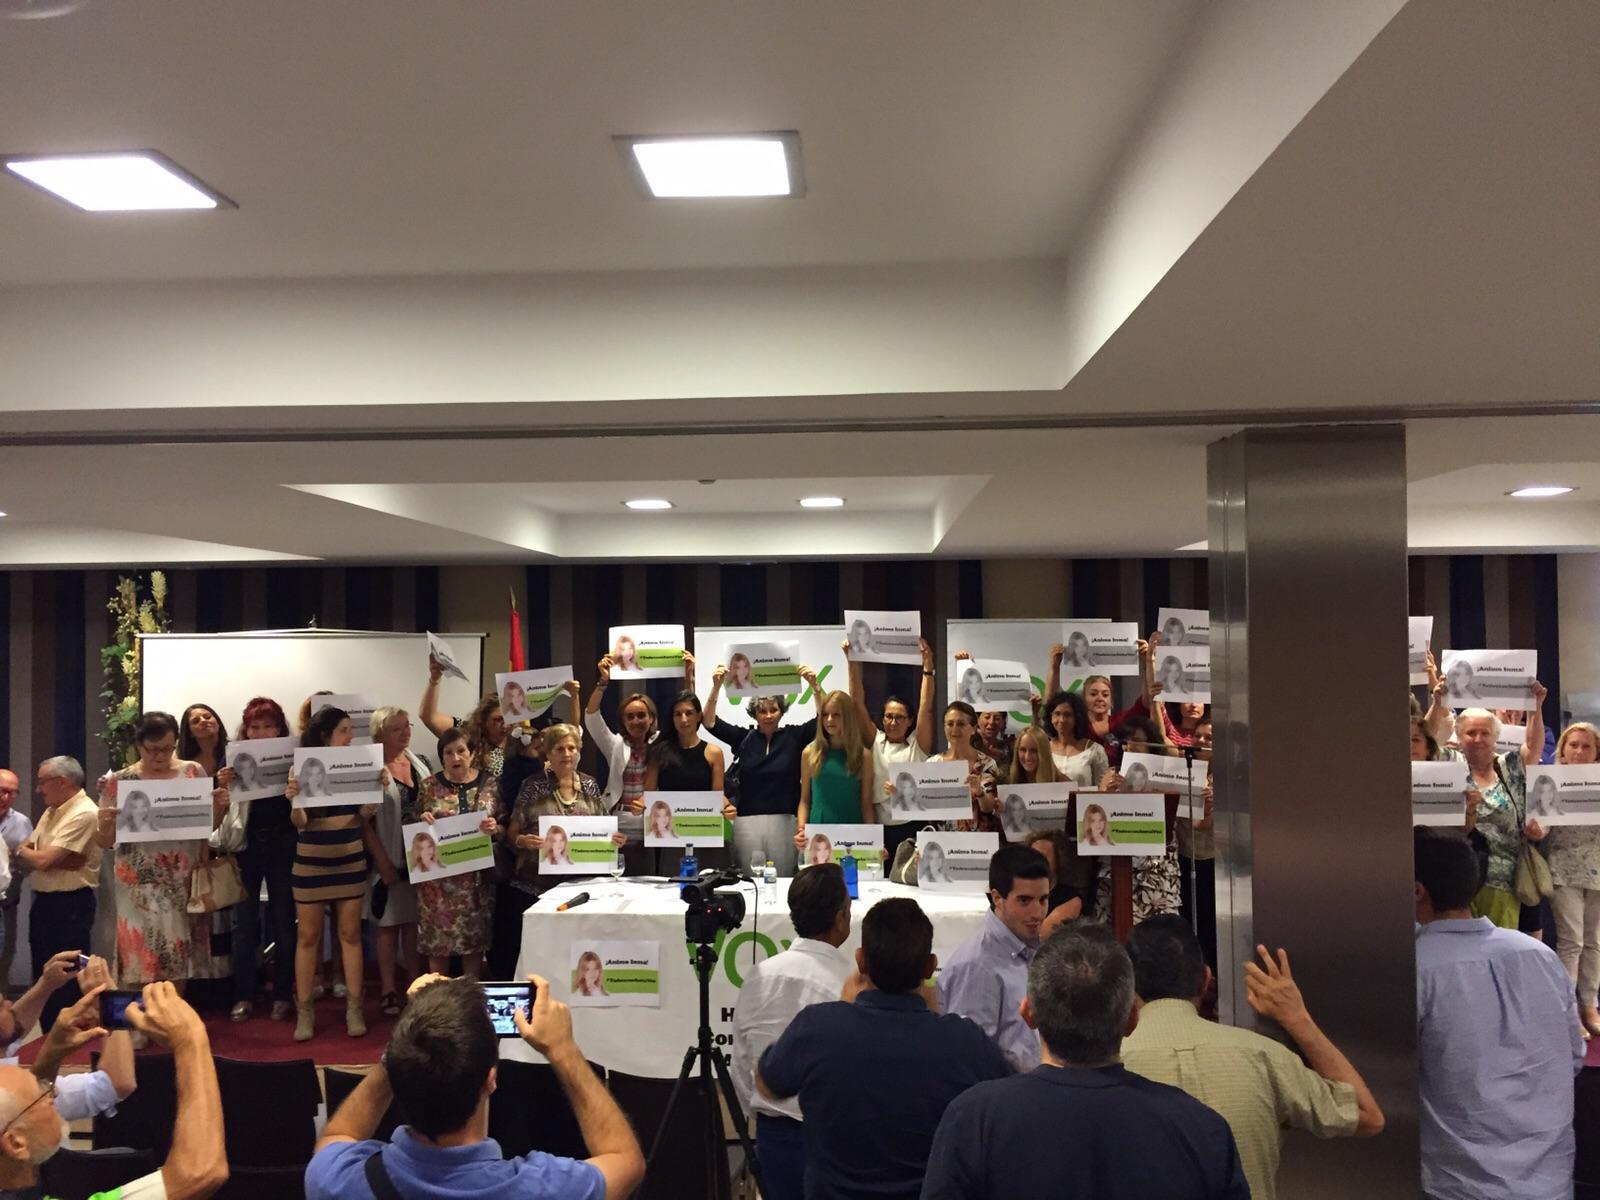 Muestra de apoyo a inmacula Sequí Serrano, presidenta de Vox Cuenca